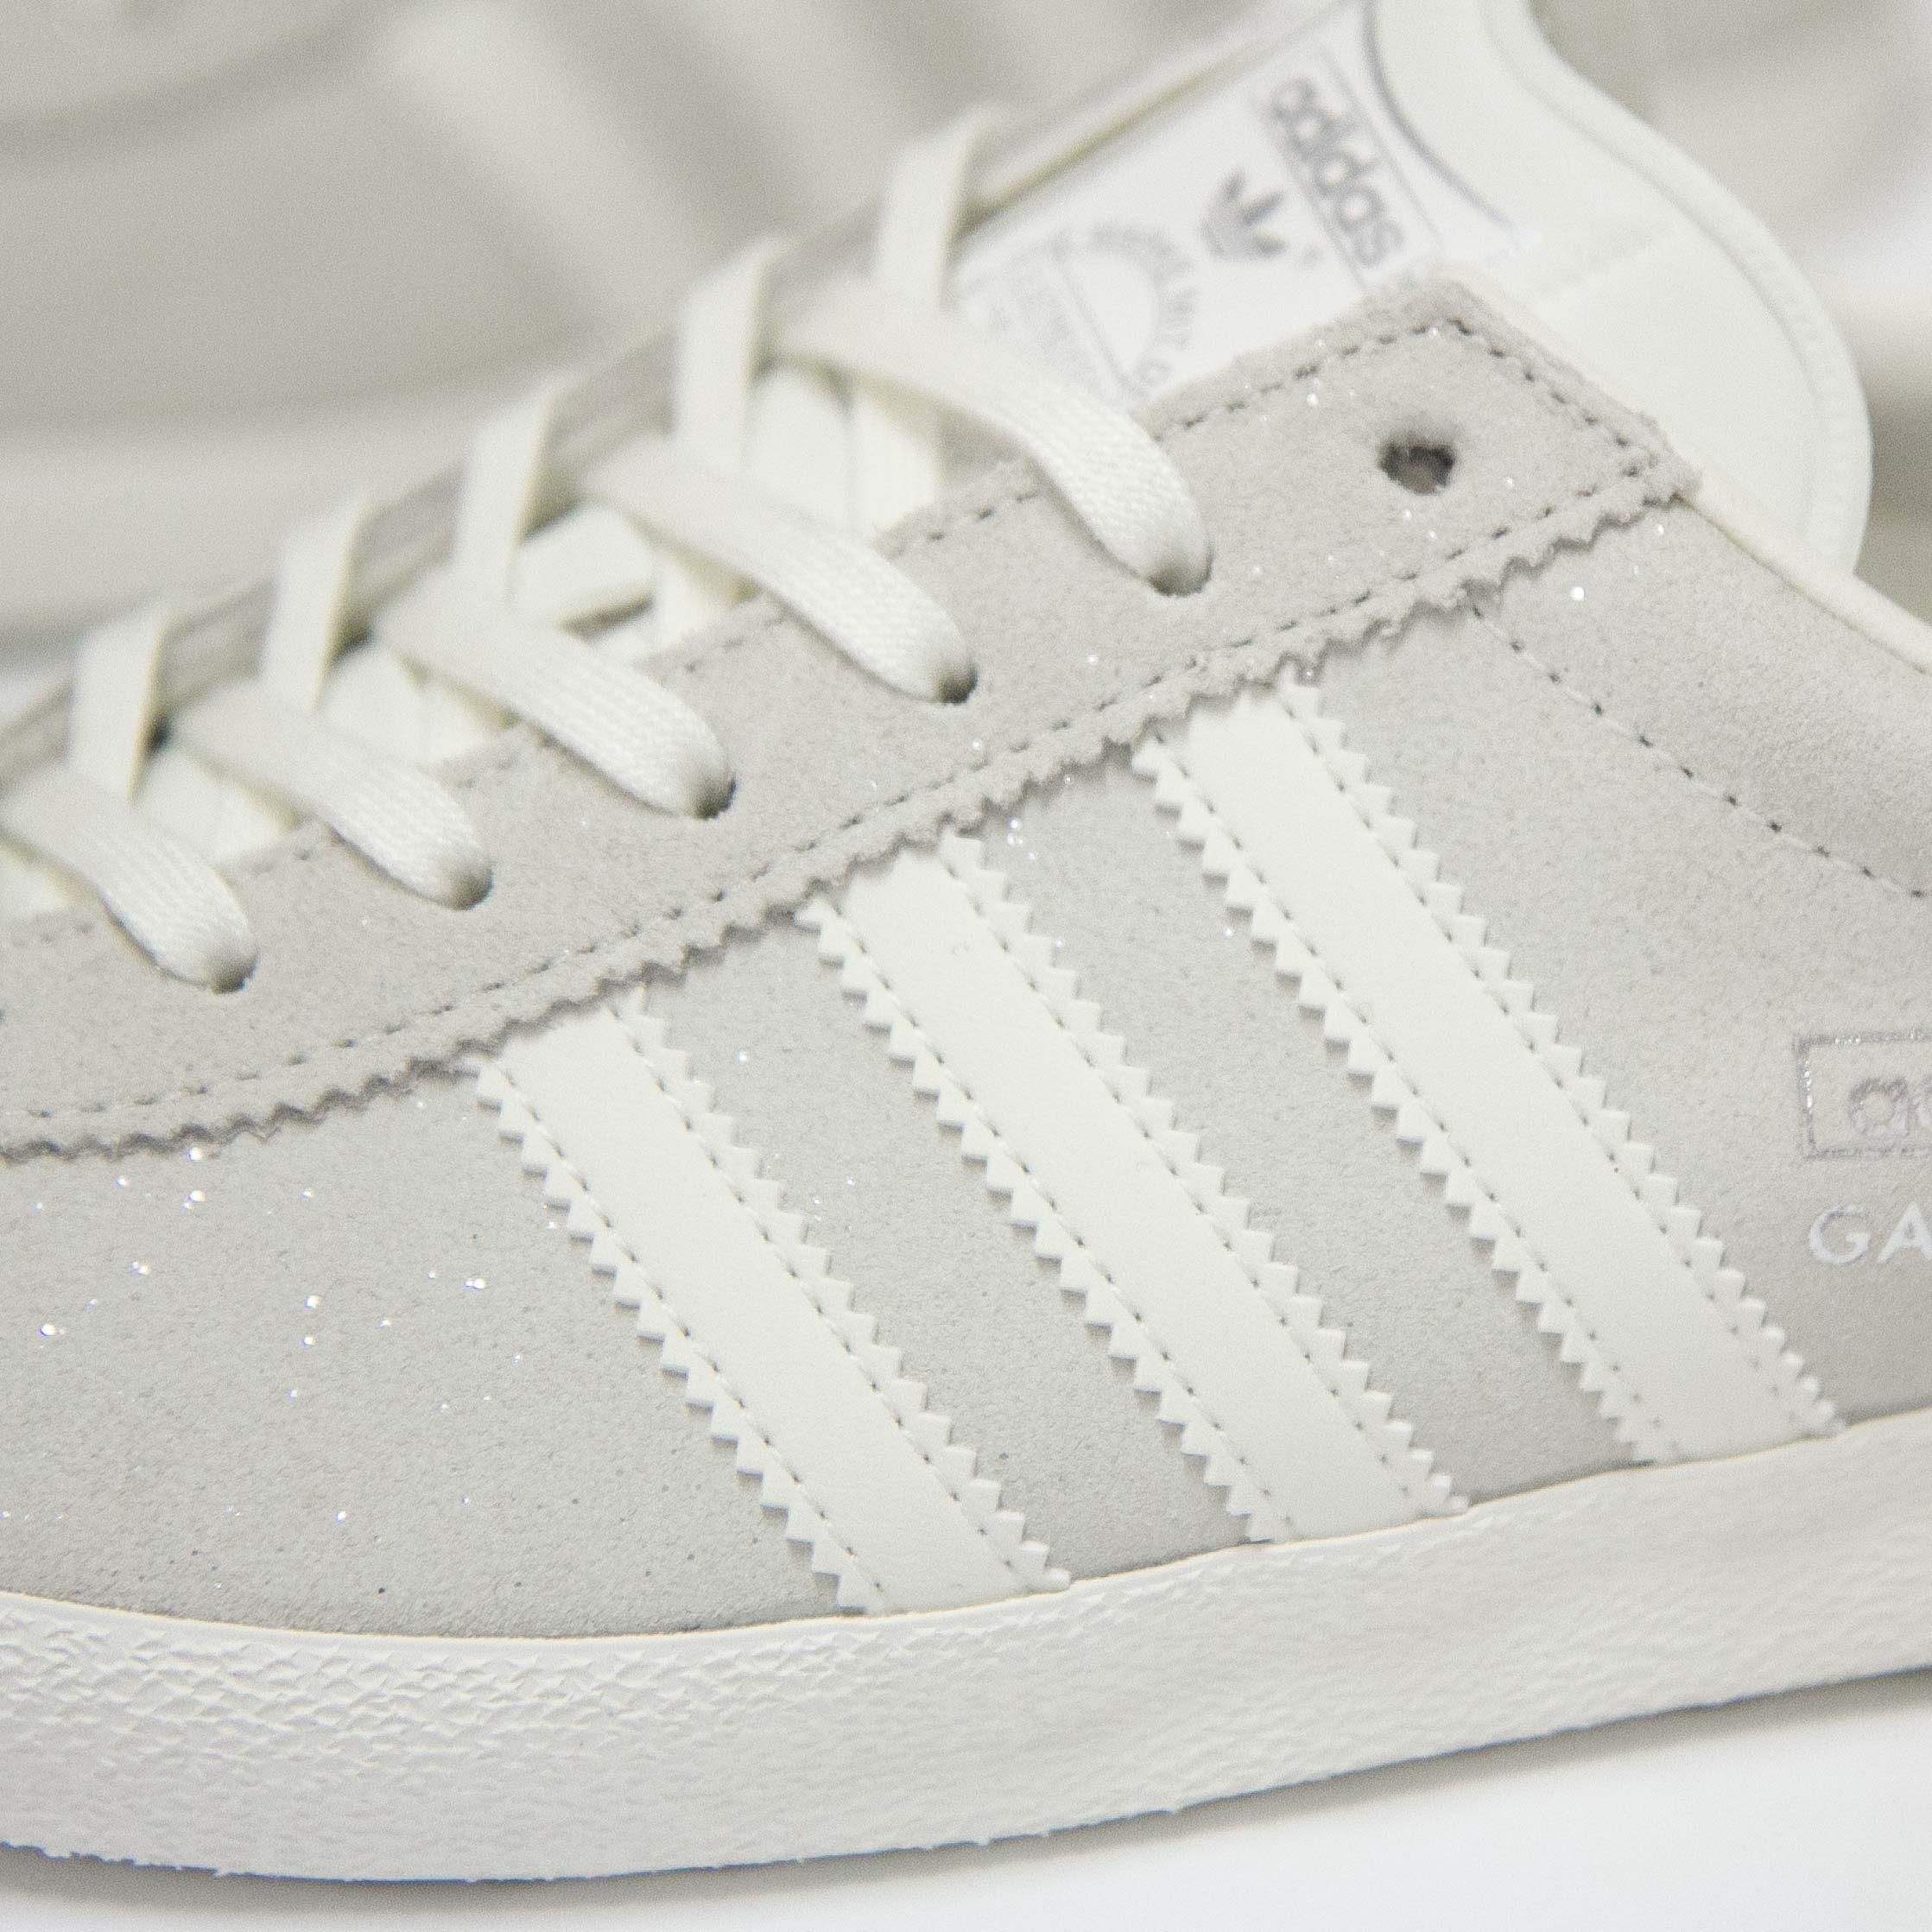 adidas Gazelle OG W - S78878 - SNS | sneakers & streetwear online ...